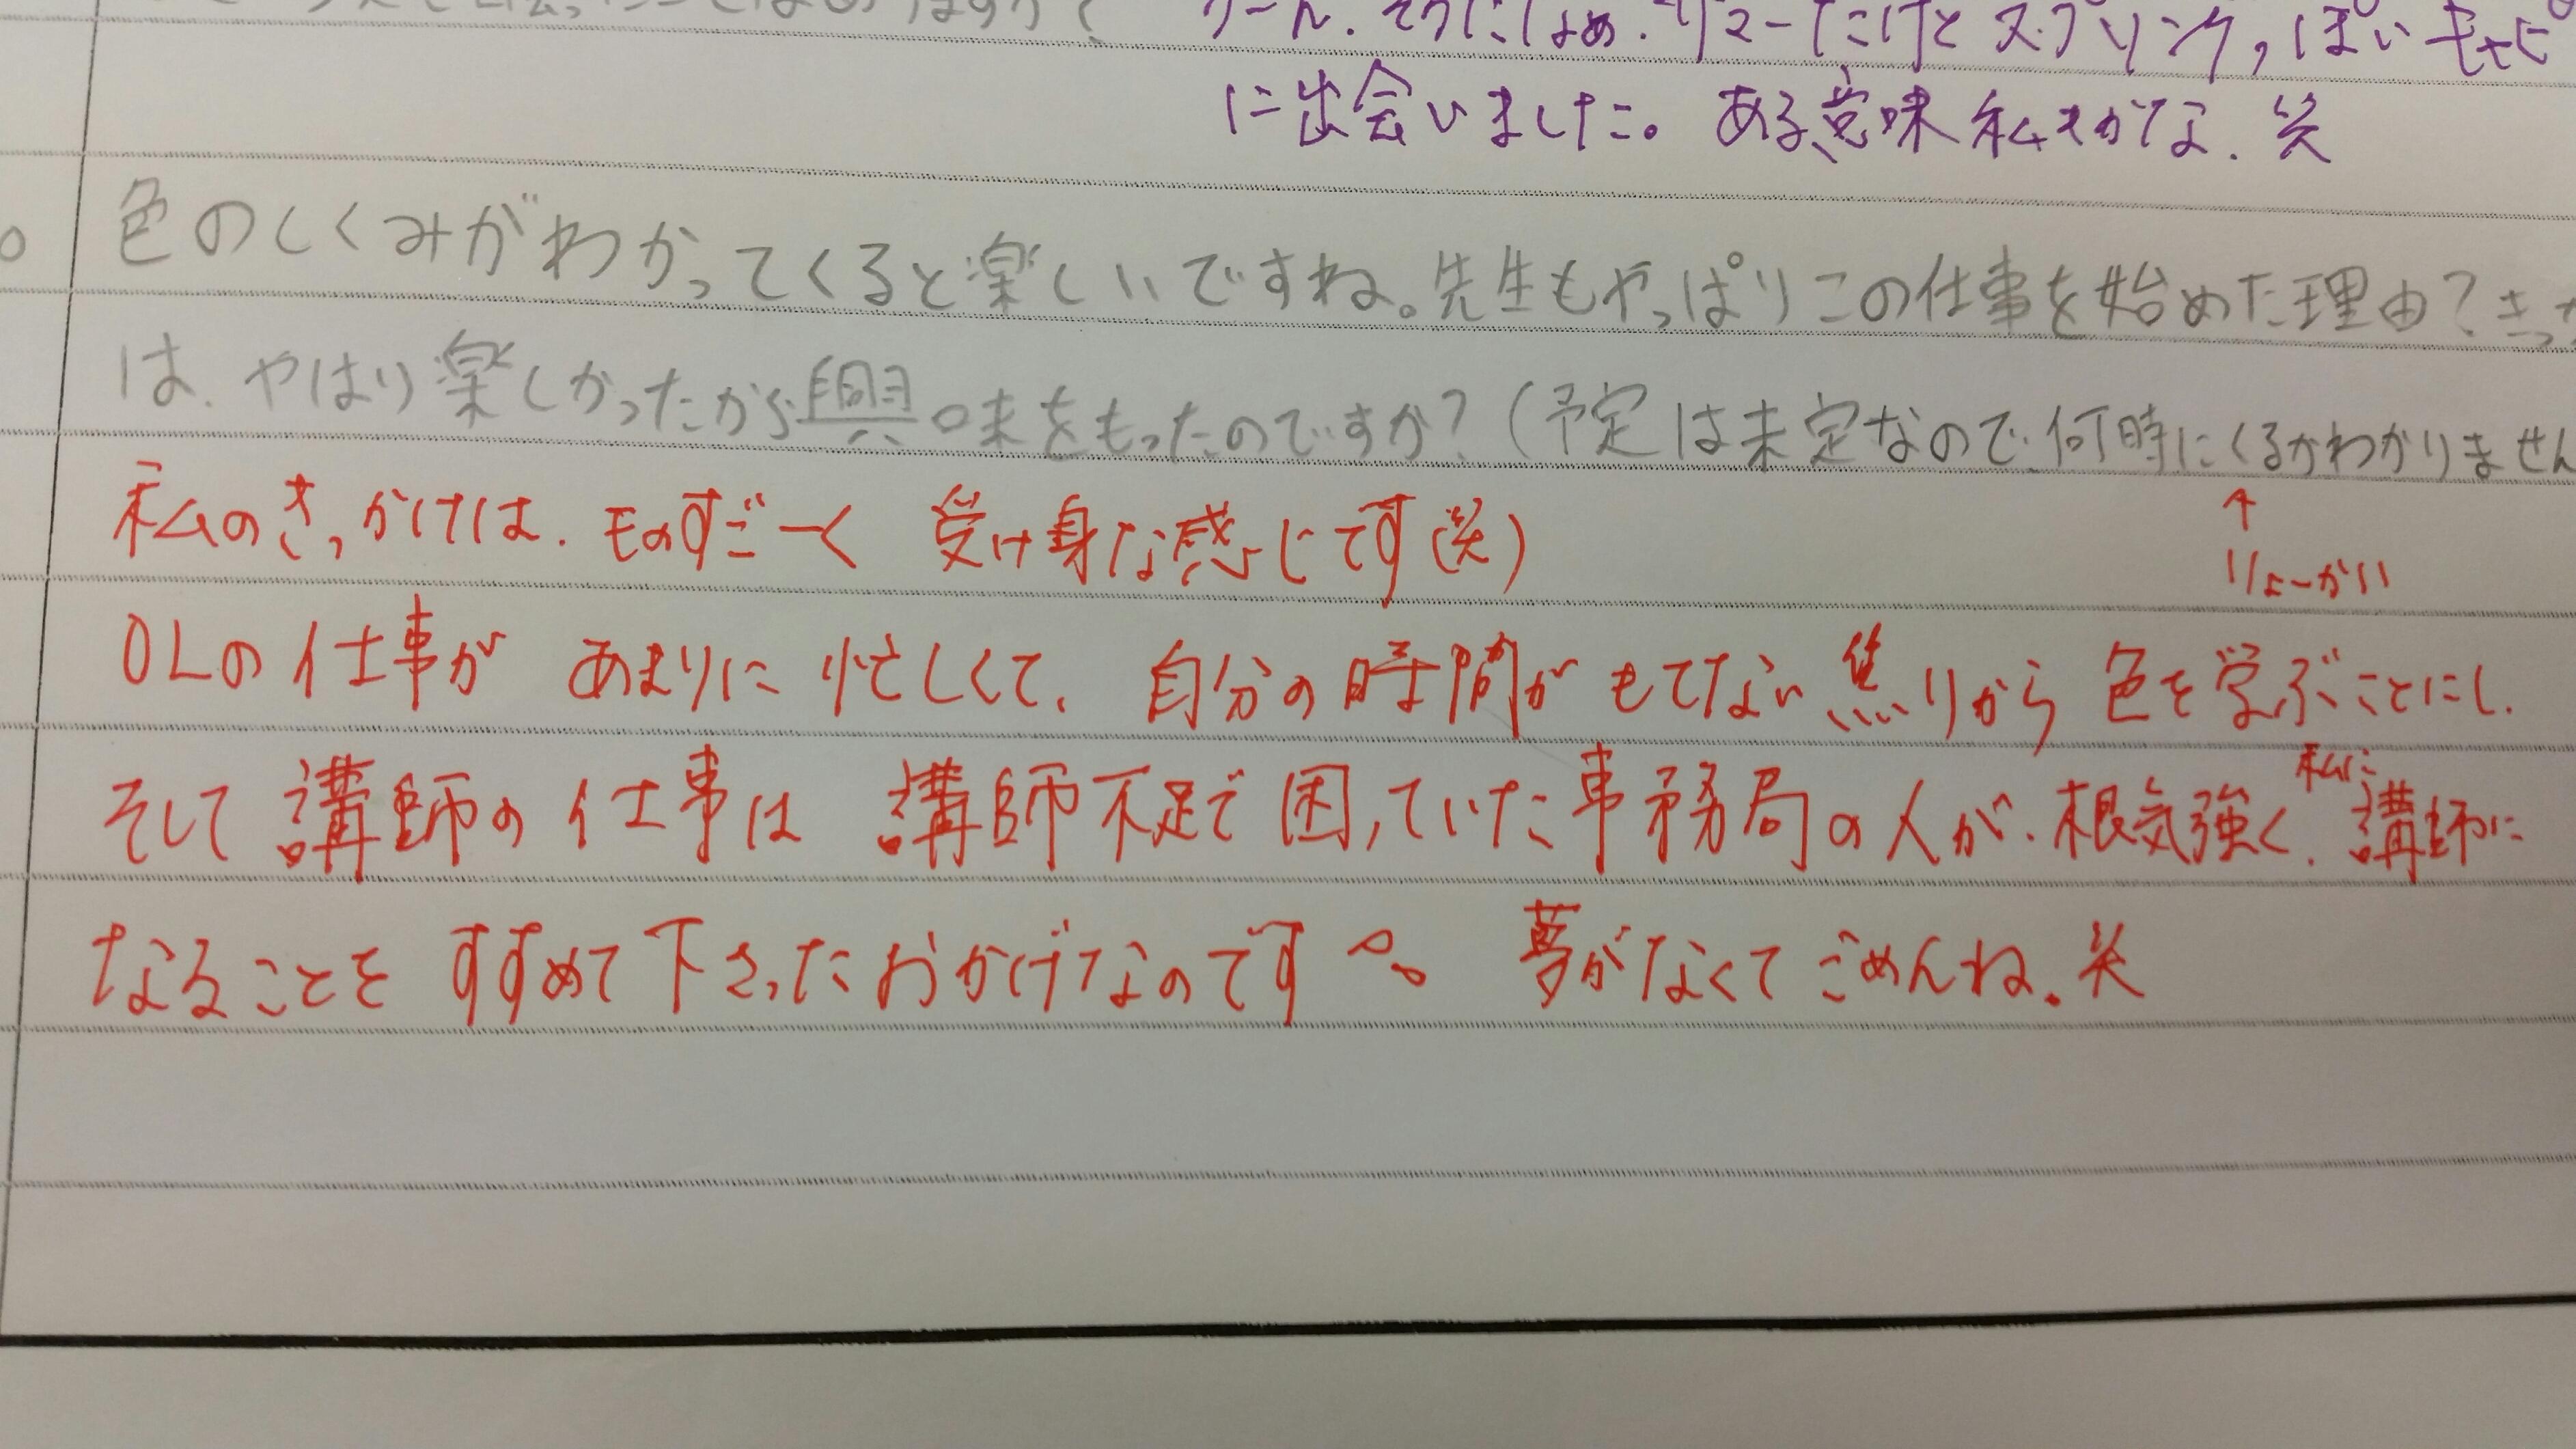 交換日記 with 専門学校生 #6